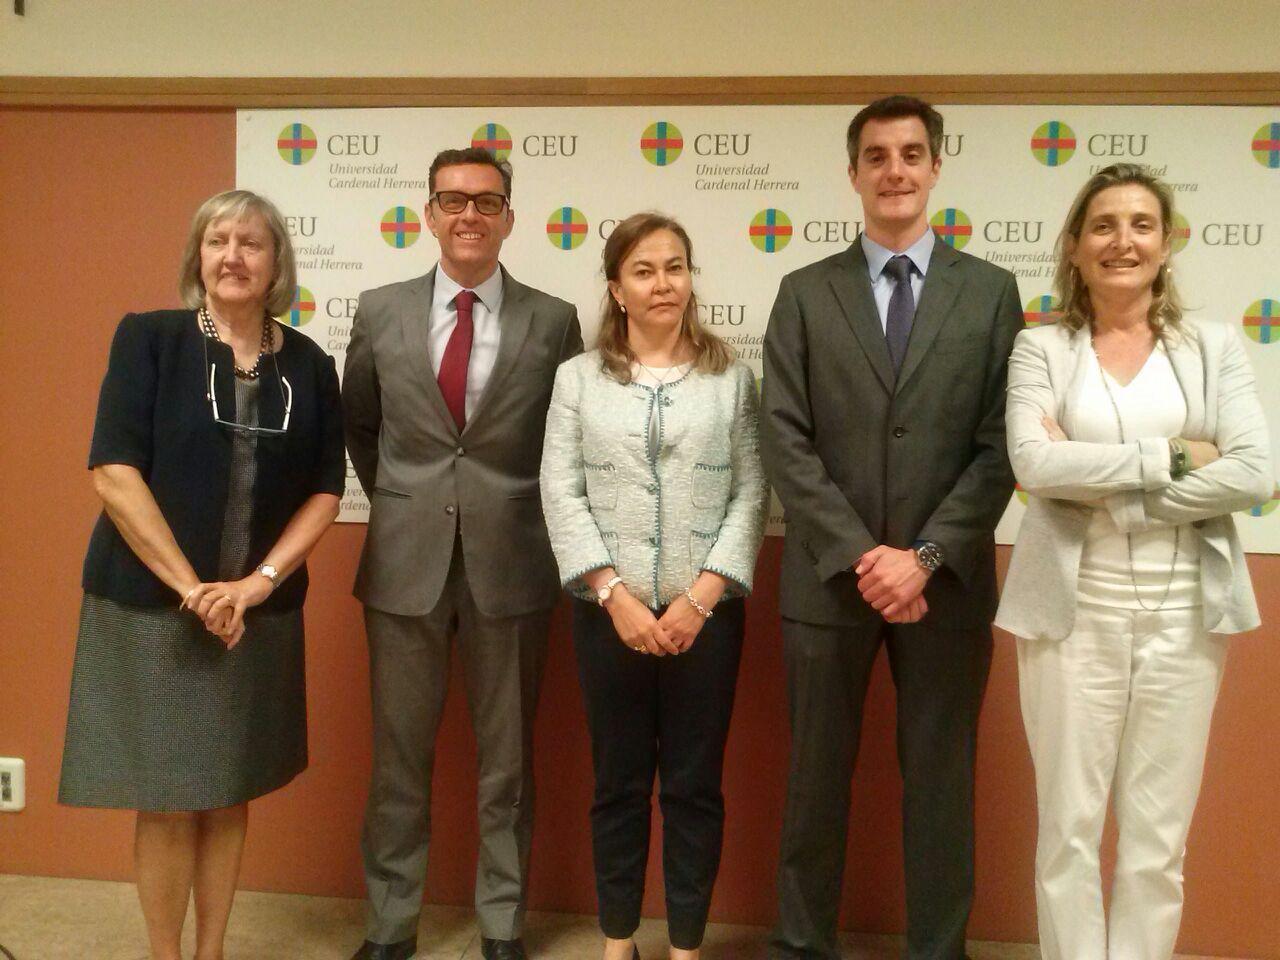 La directora de la tesis, Isabel de Salas, los miembros del tribunal David Calatayud, Palma Peña y María López-Trigo, junto al nuevo doctor Javier Puchades.